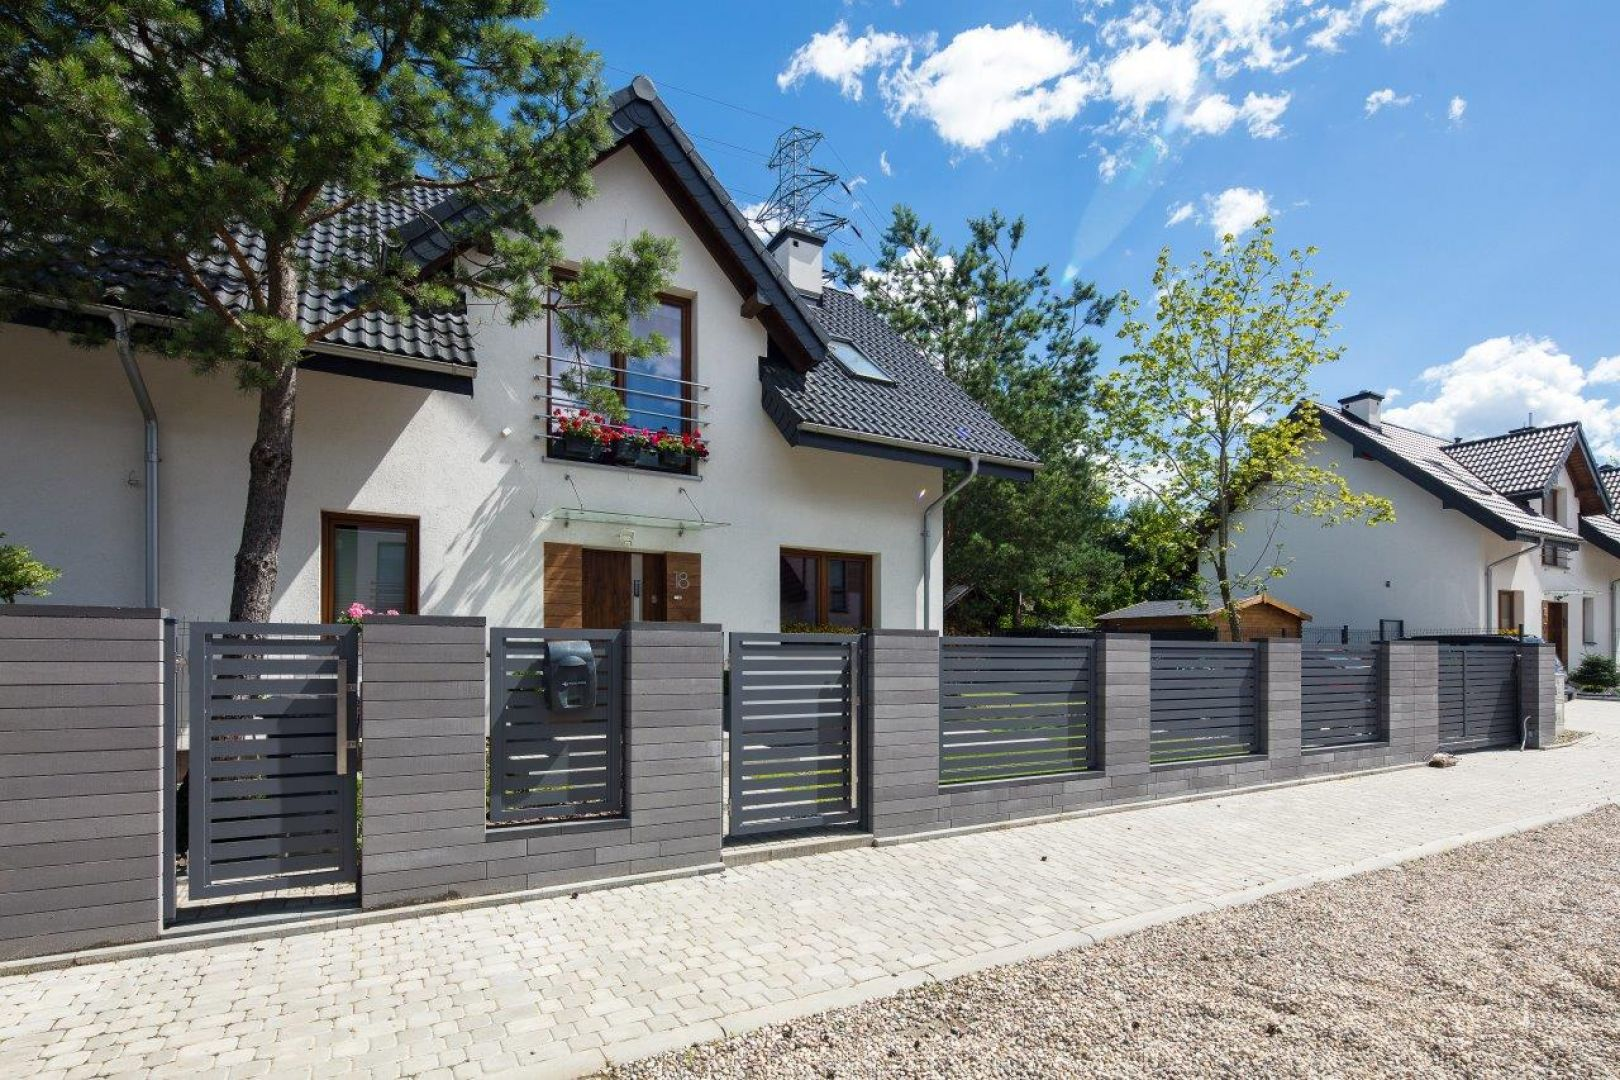 Beton cieszy się w ostatnich latach dużą popularnością, ogrodzeń. Fot. Polbruk